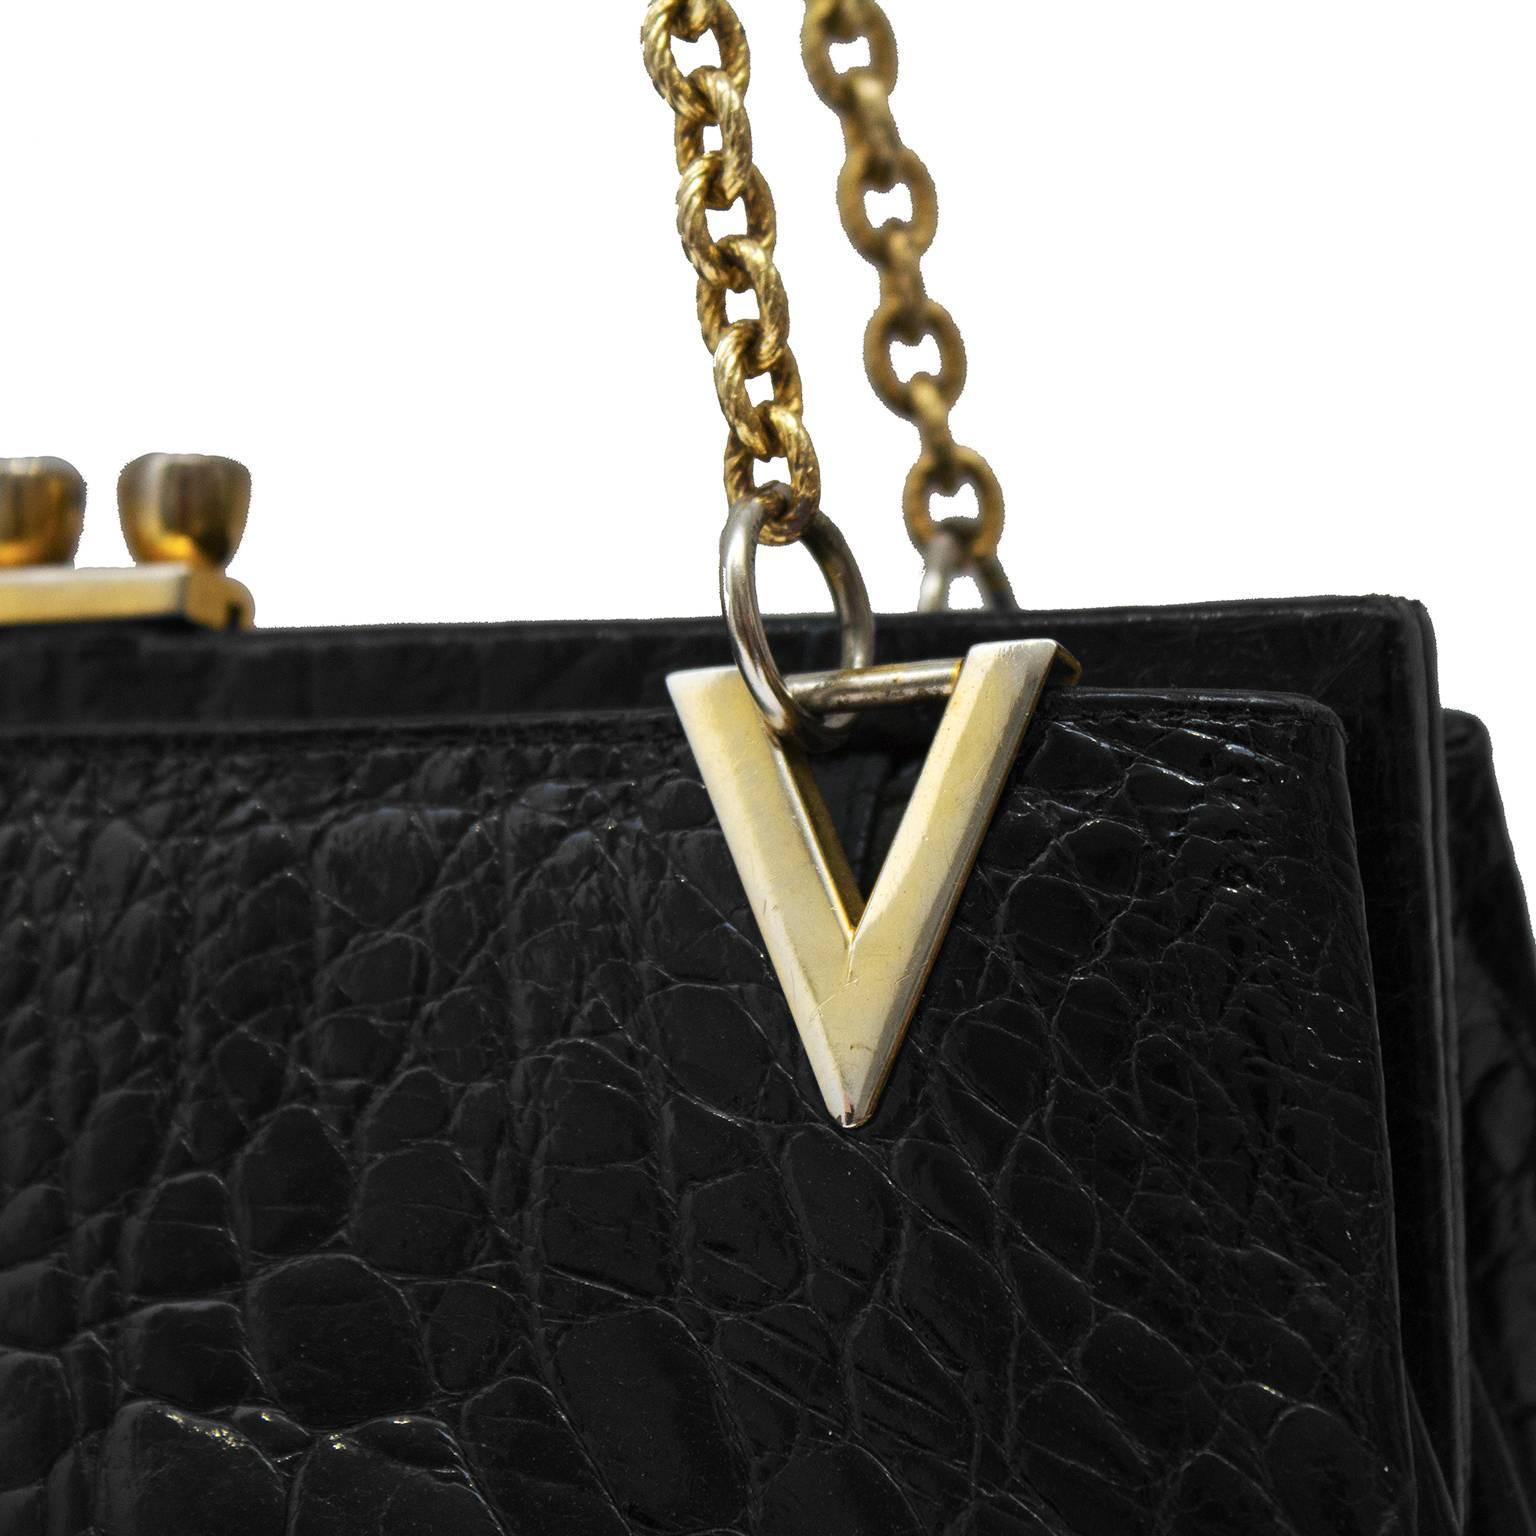 1stdibs 1960s Black Farm Raised Croc Shoulder Bag With Gold Details HOEyAaw0